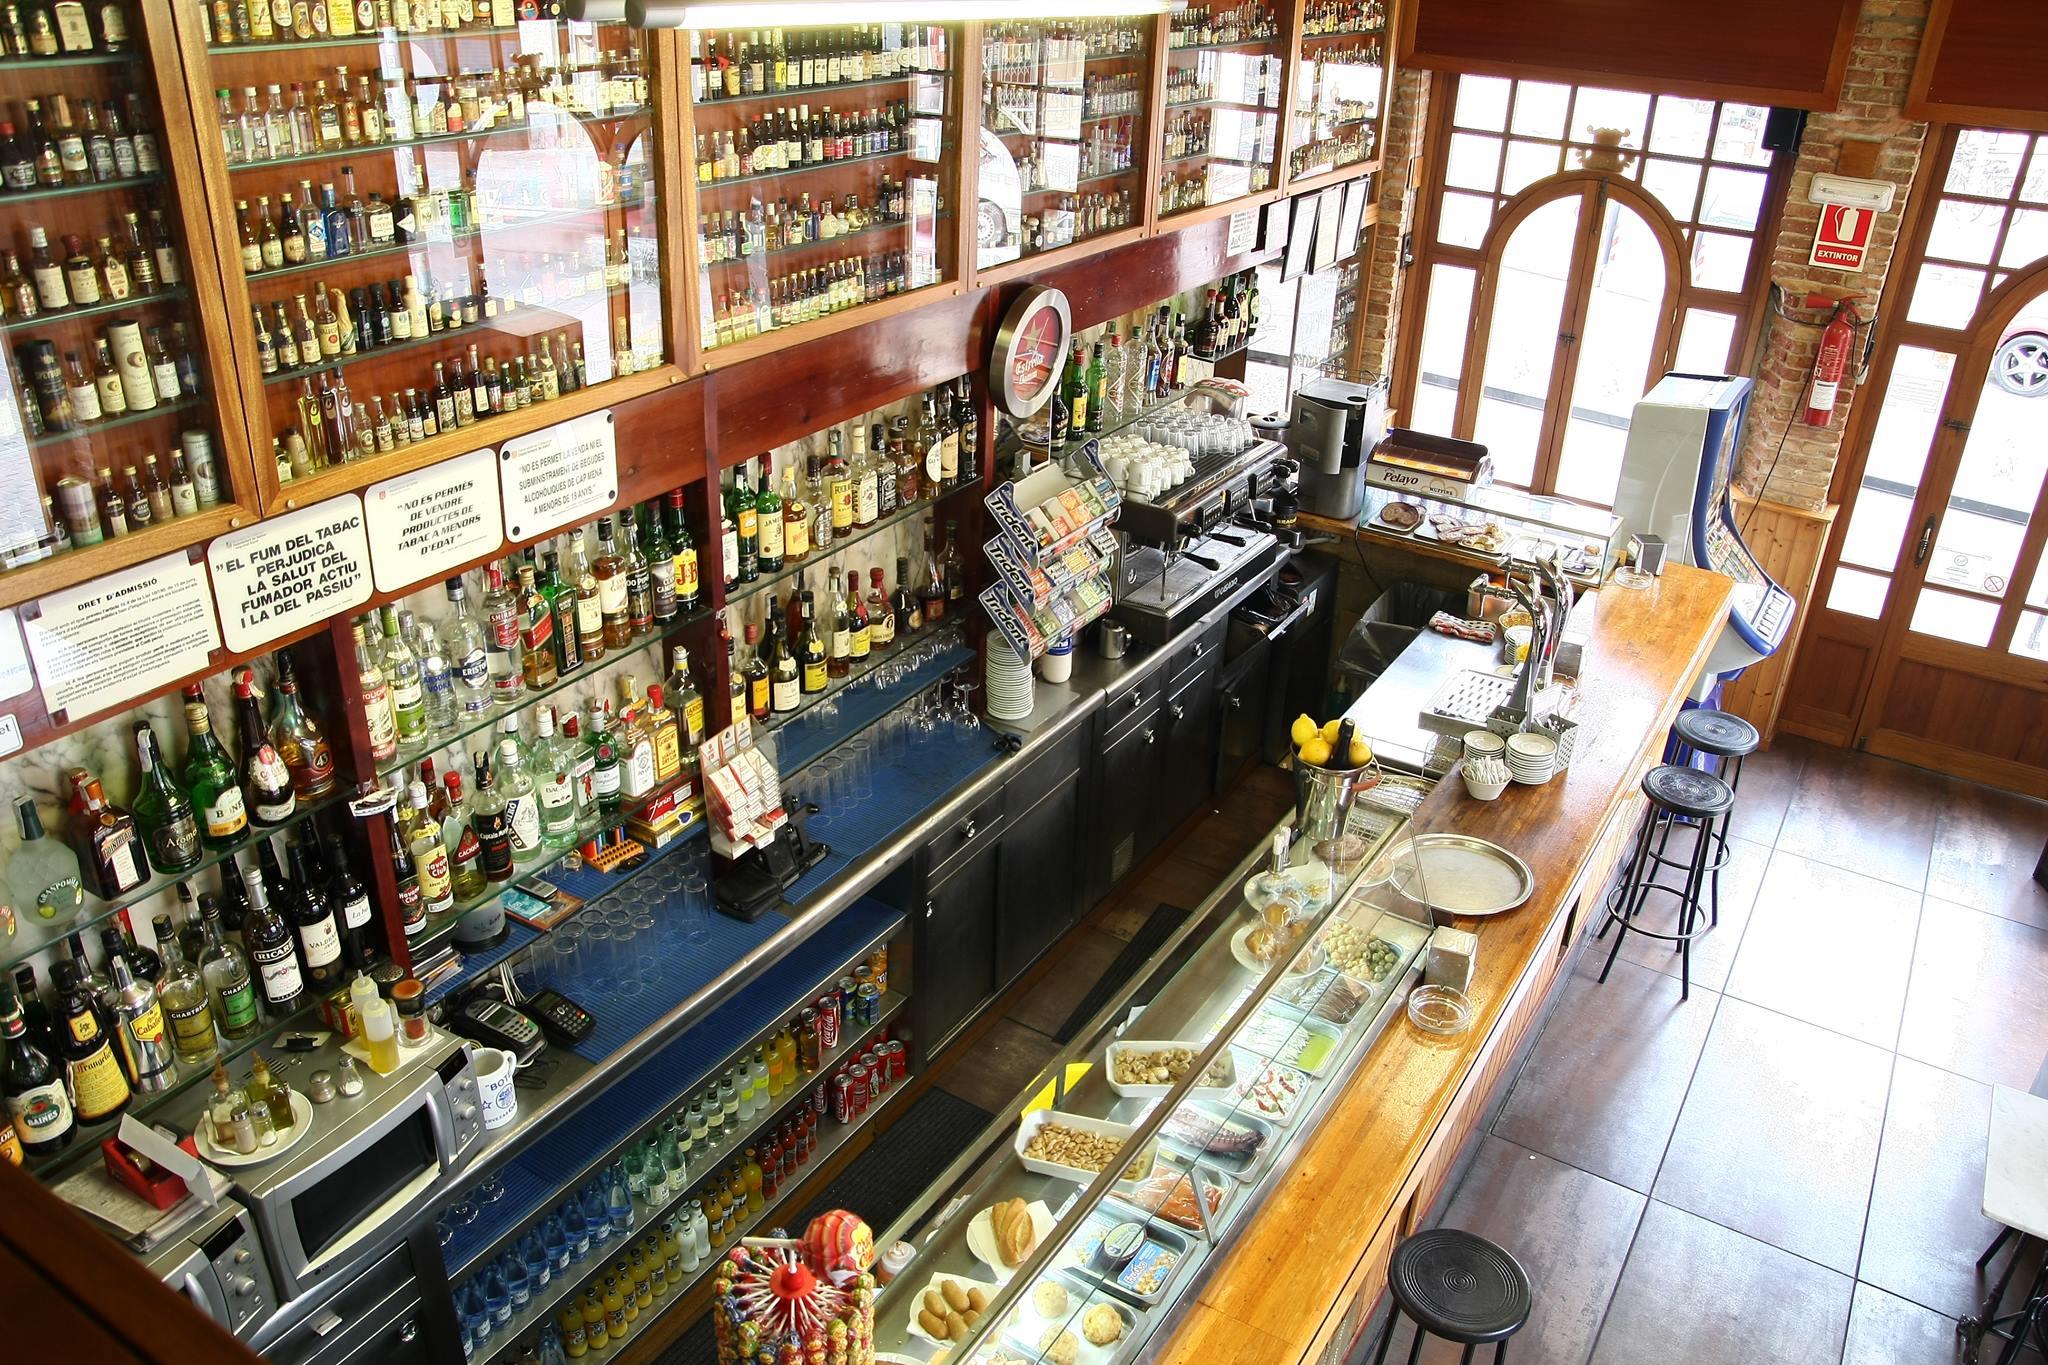 Barra del Bar Quimet d'Horta. © Quimet d'Horta